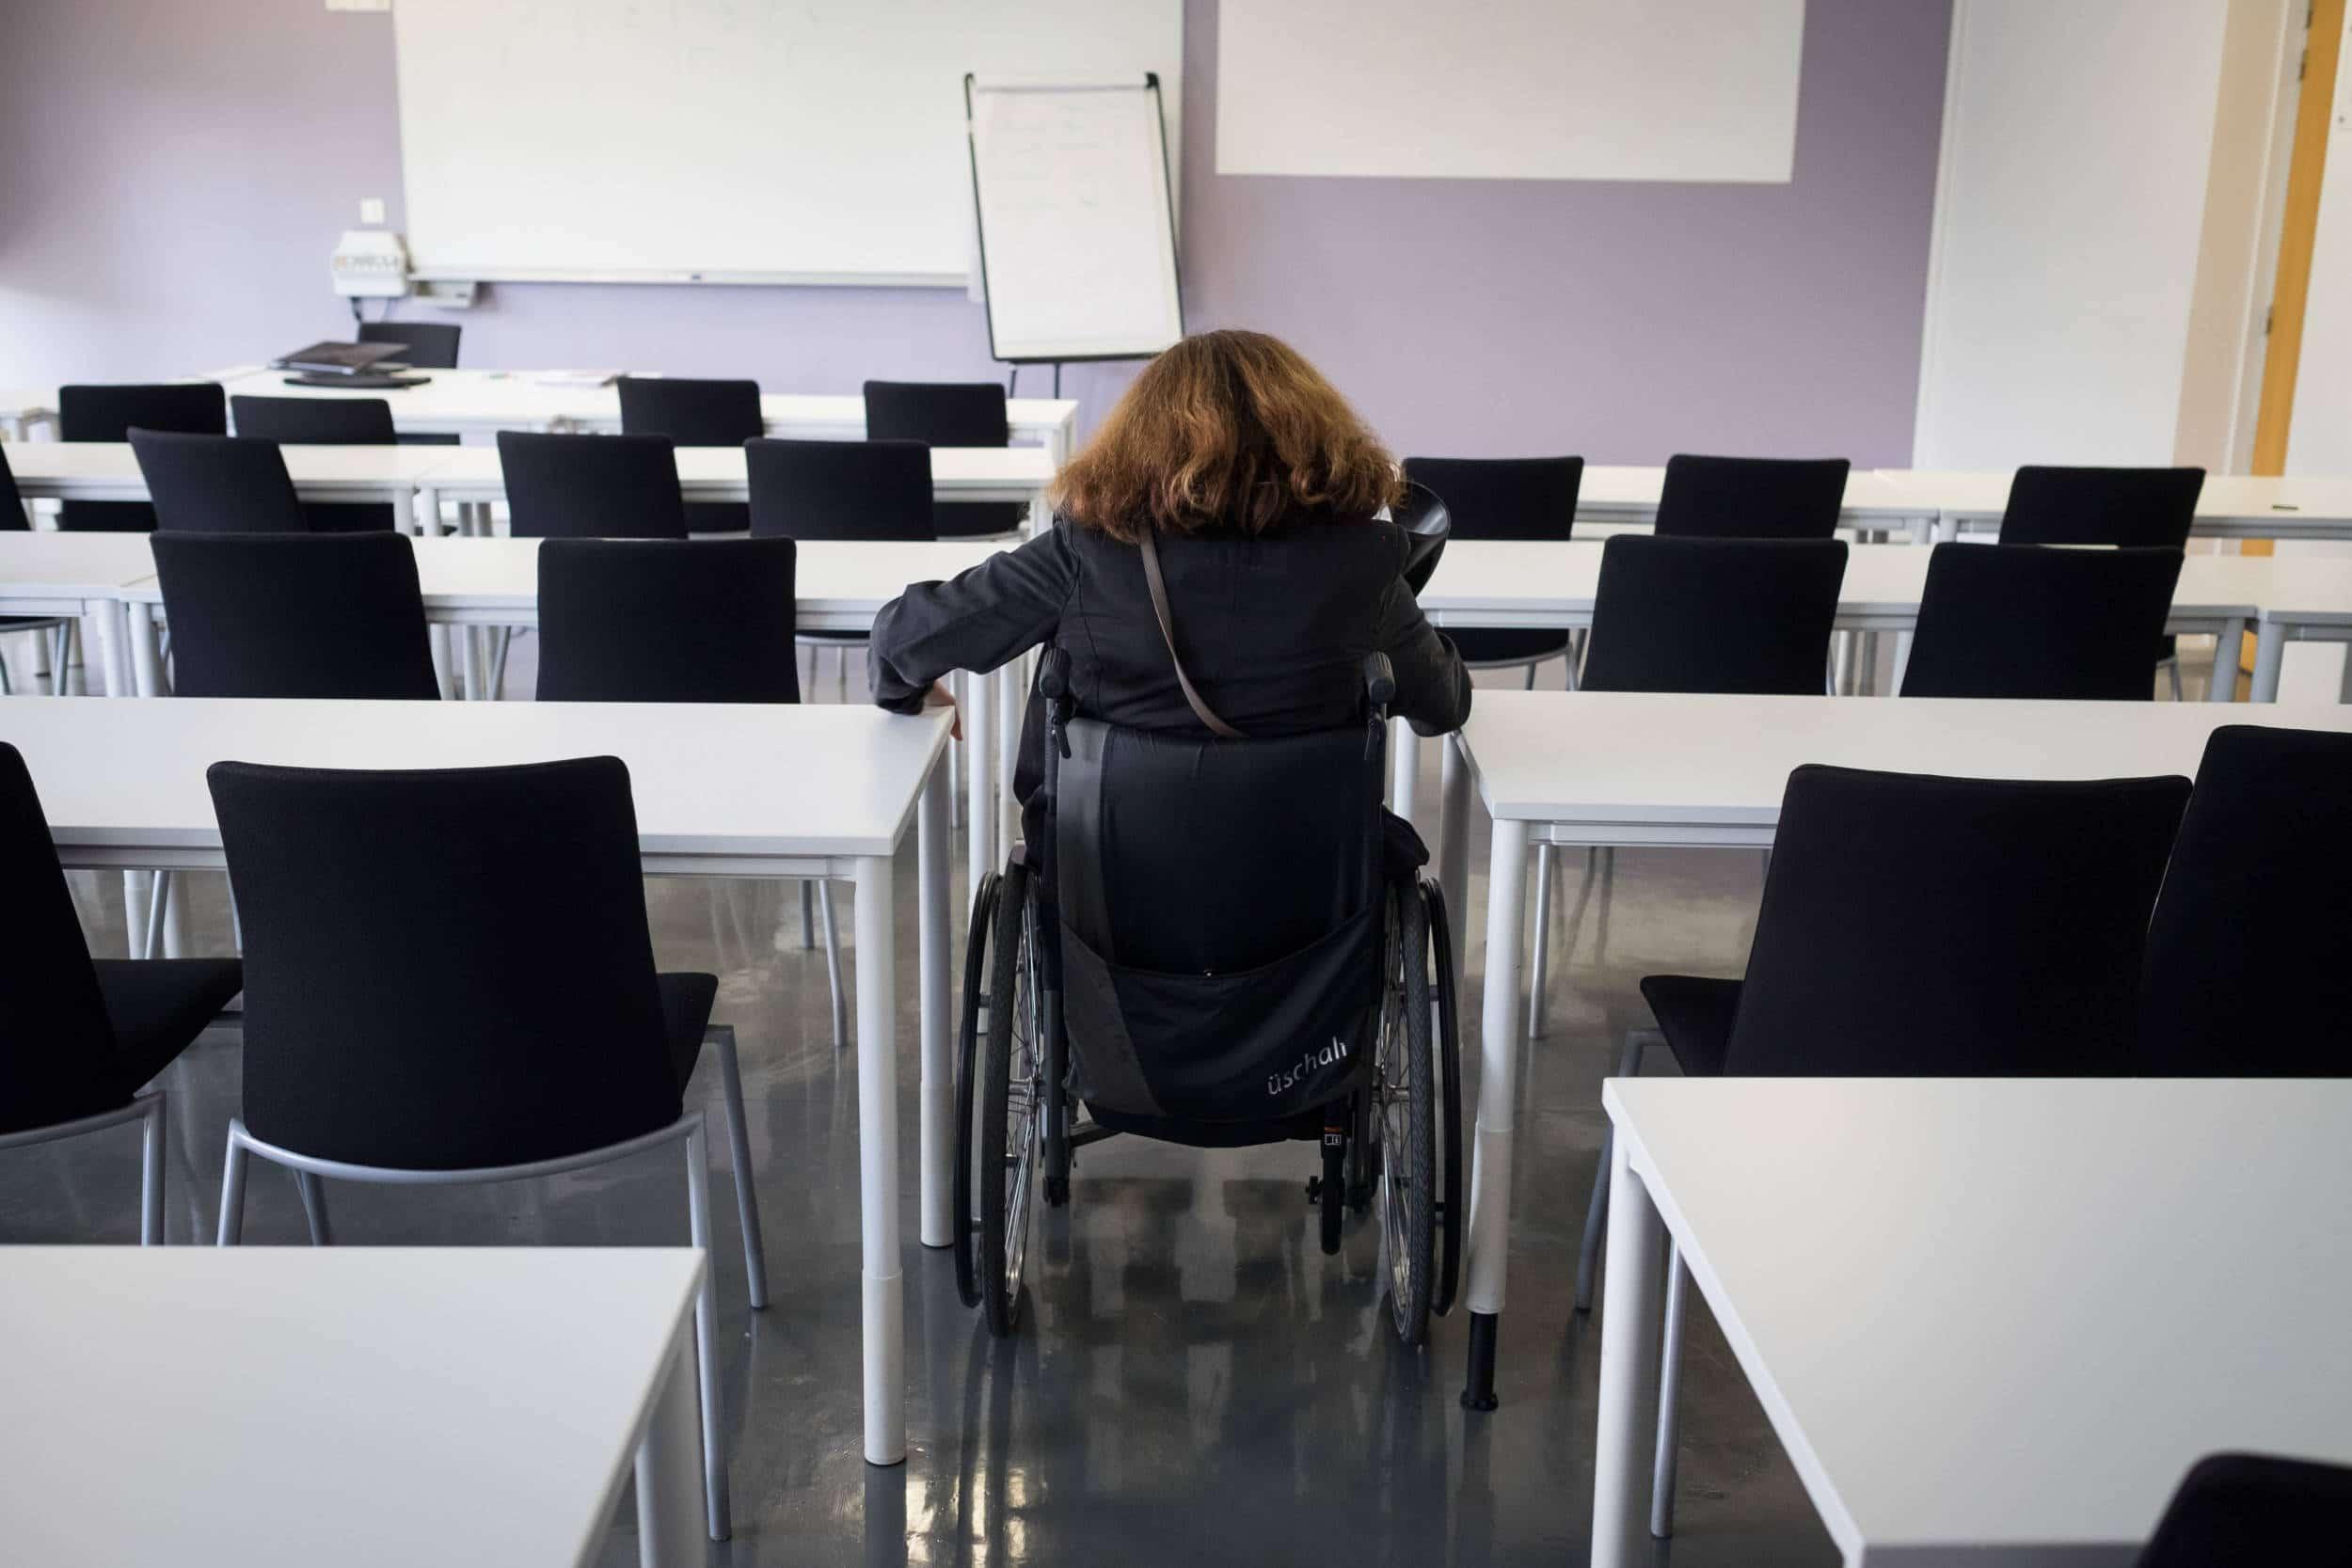 Delphine en fauteuil roulant, de dos, dans une classe vide.